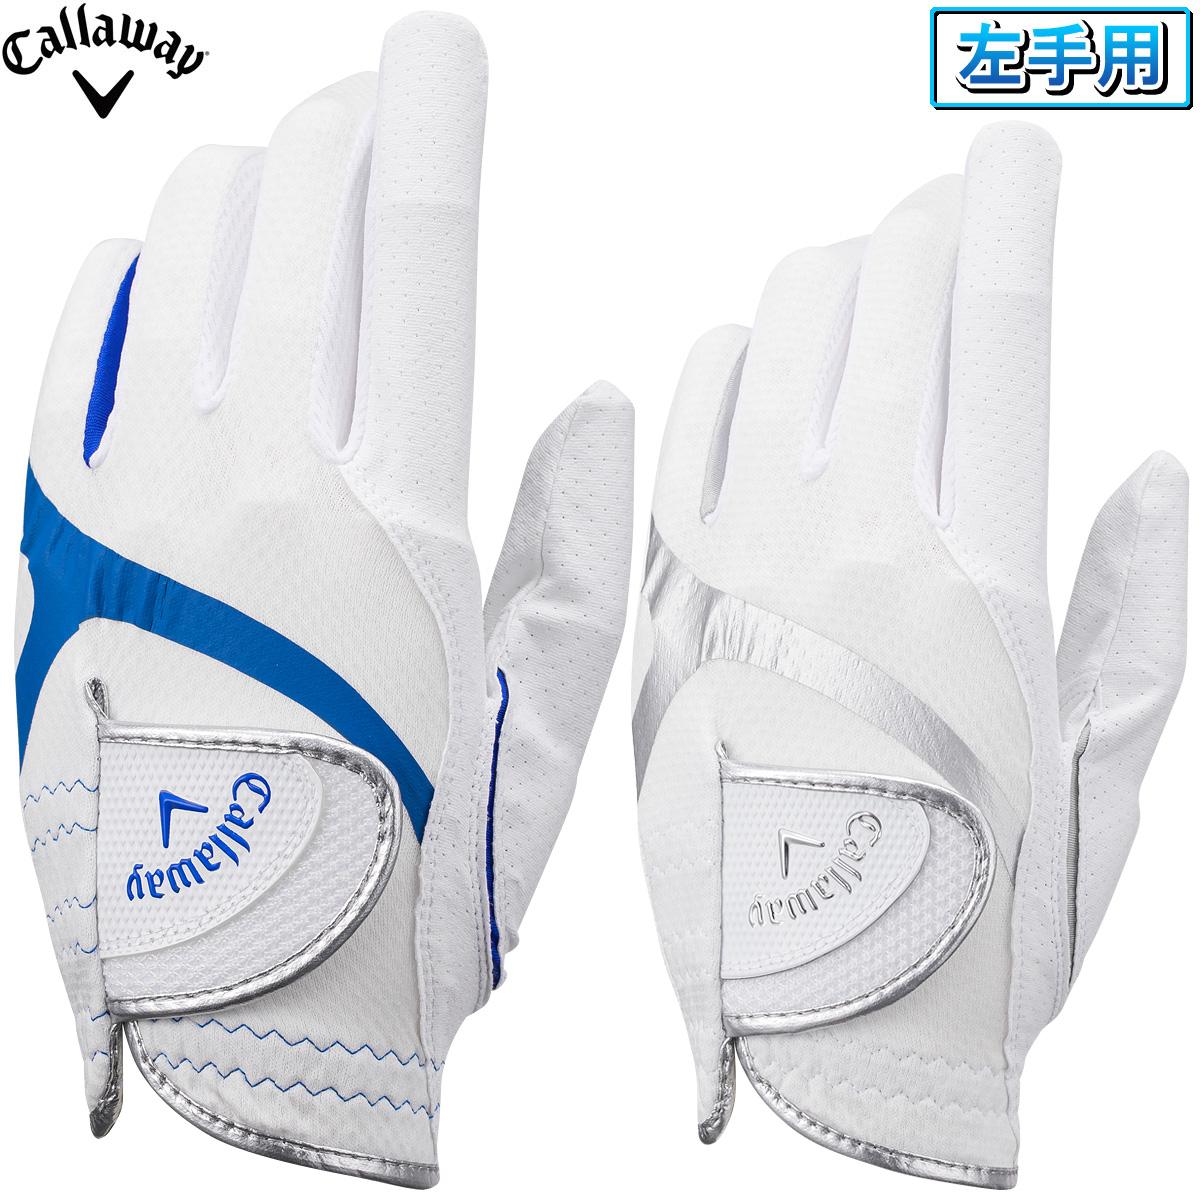 スーパーSALE開催中 市場 即納 Callaway キャロウェイ 日本正規品 Hyper 税込 Cool Glove 21 クール ハイパー 左手用 メンズ JM ゴルフグローブ あす楽対応 グローブ 2021新製品